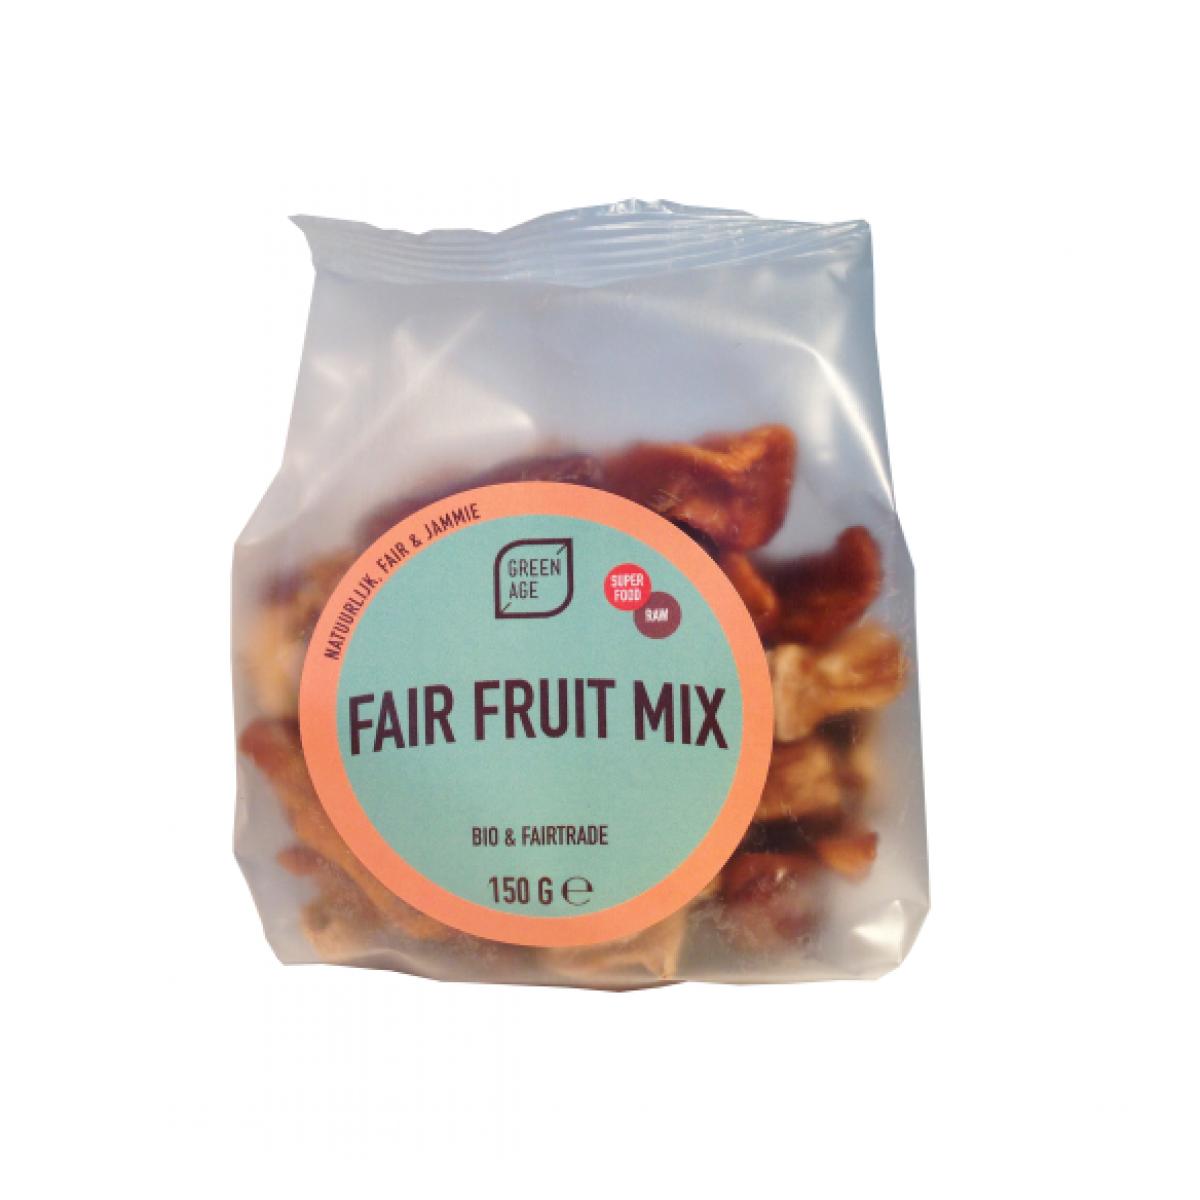 Fair Fruit Mix